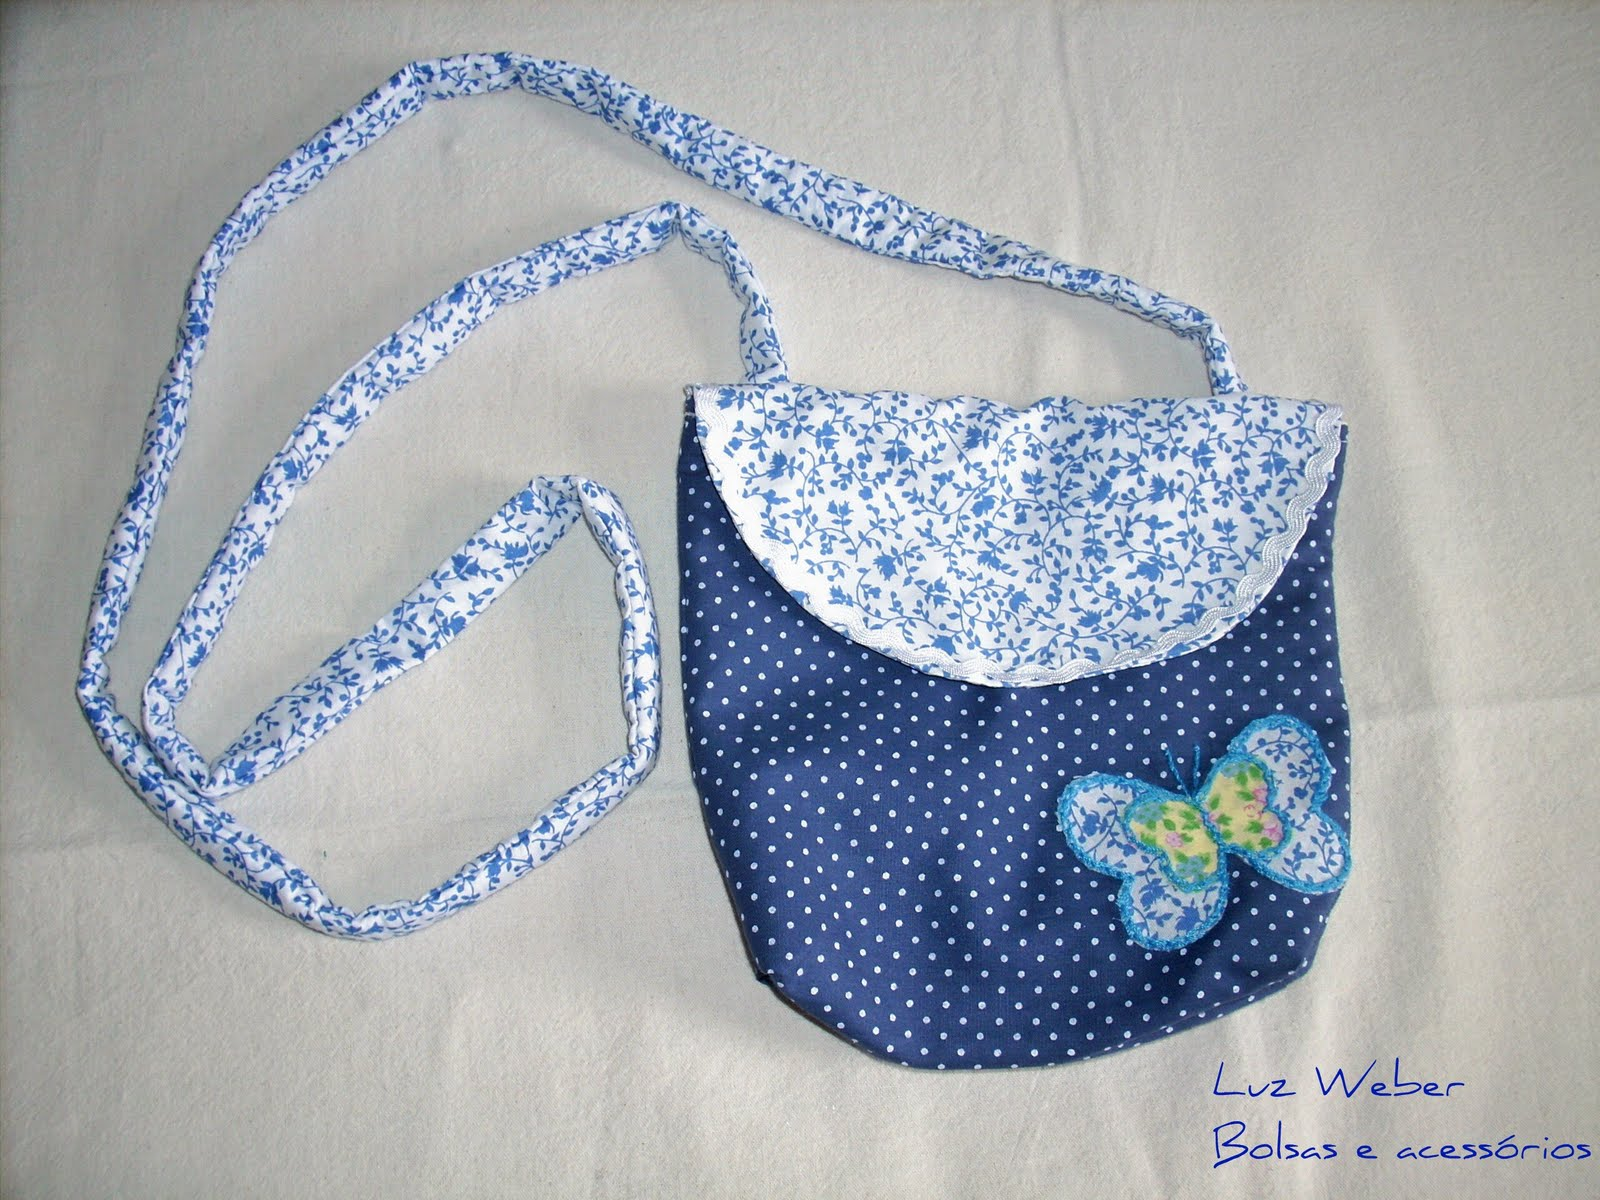 Bolsa De Tecido Tiracolo Passo A Passo : Luz weber molde de bolsa infantil a tiracolo